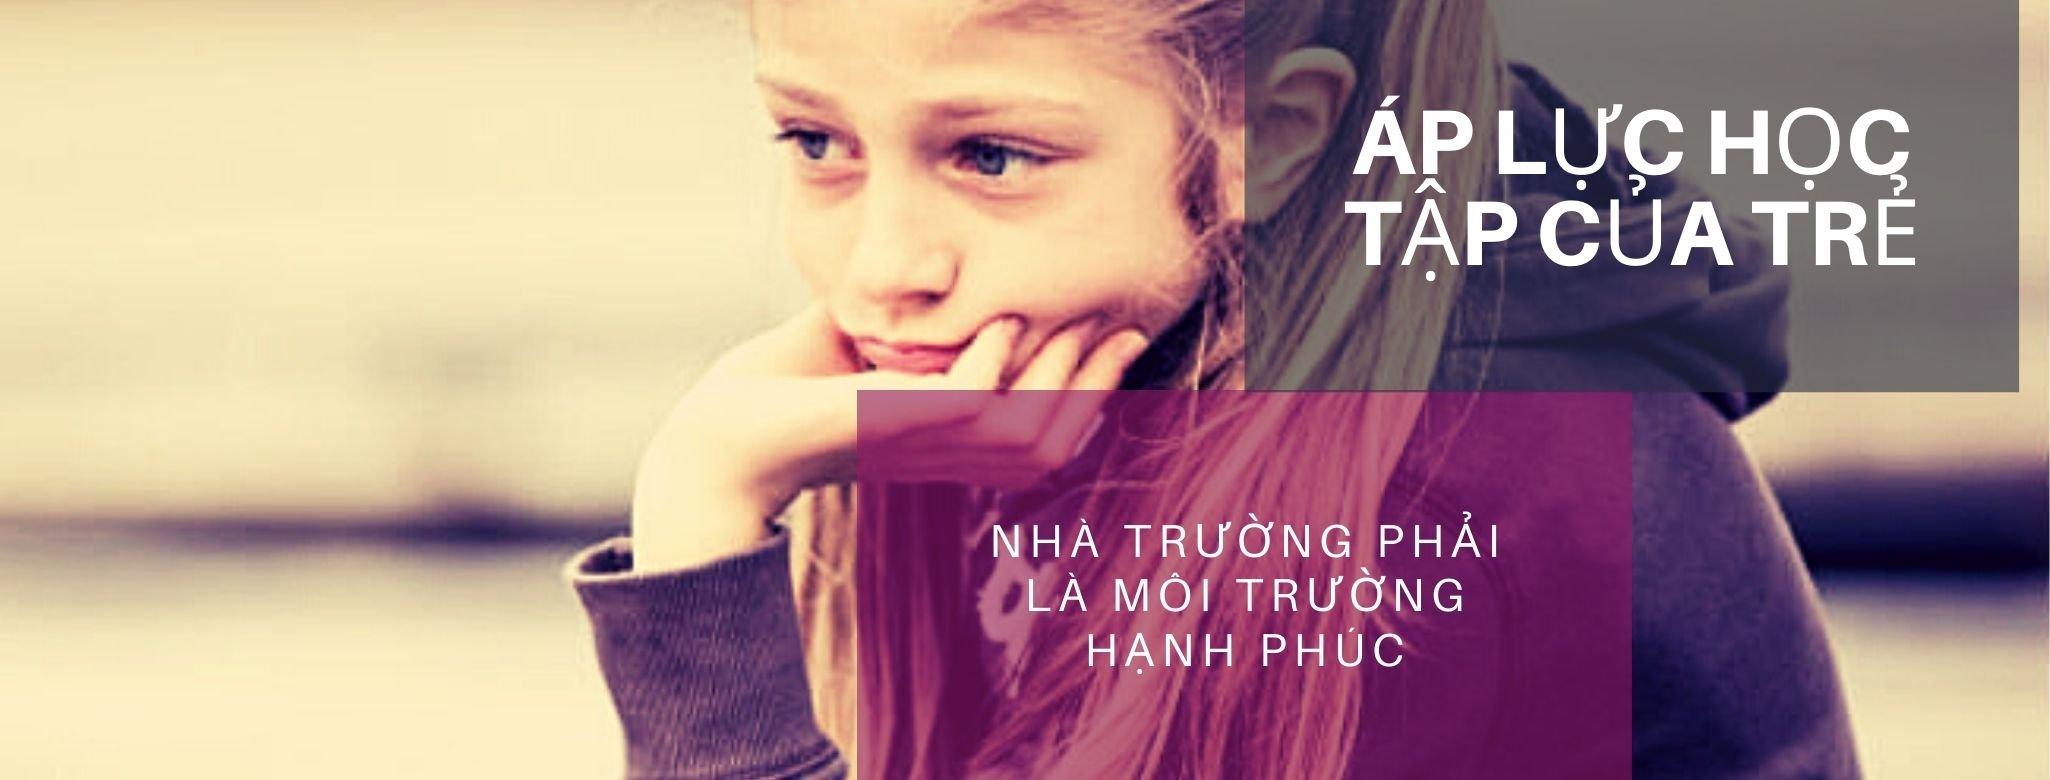 ap_luc_hoc_tap